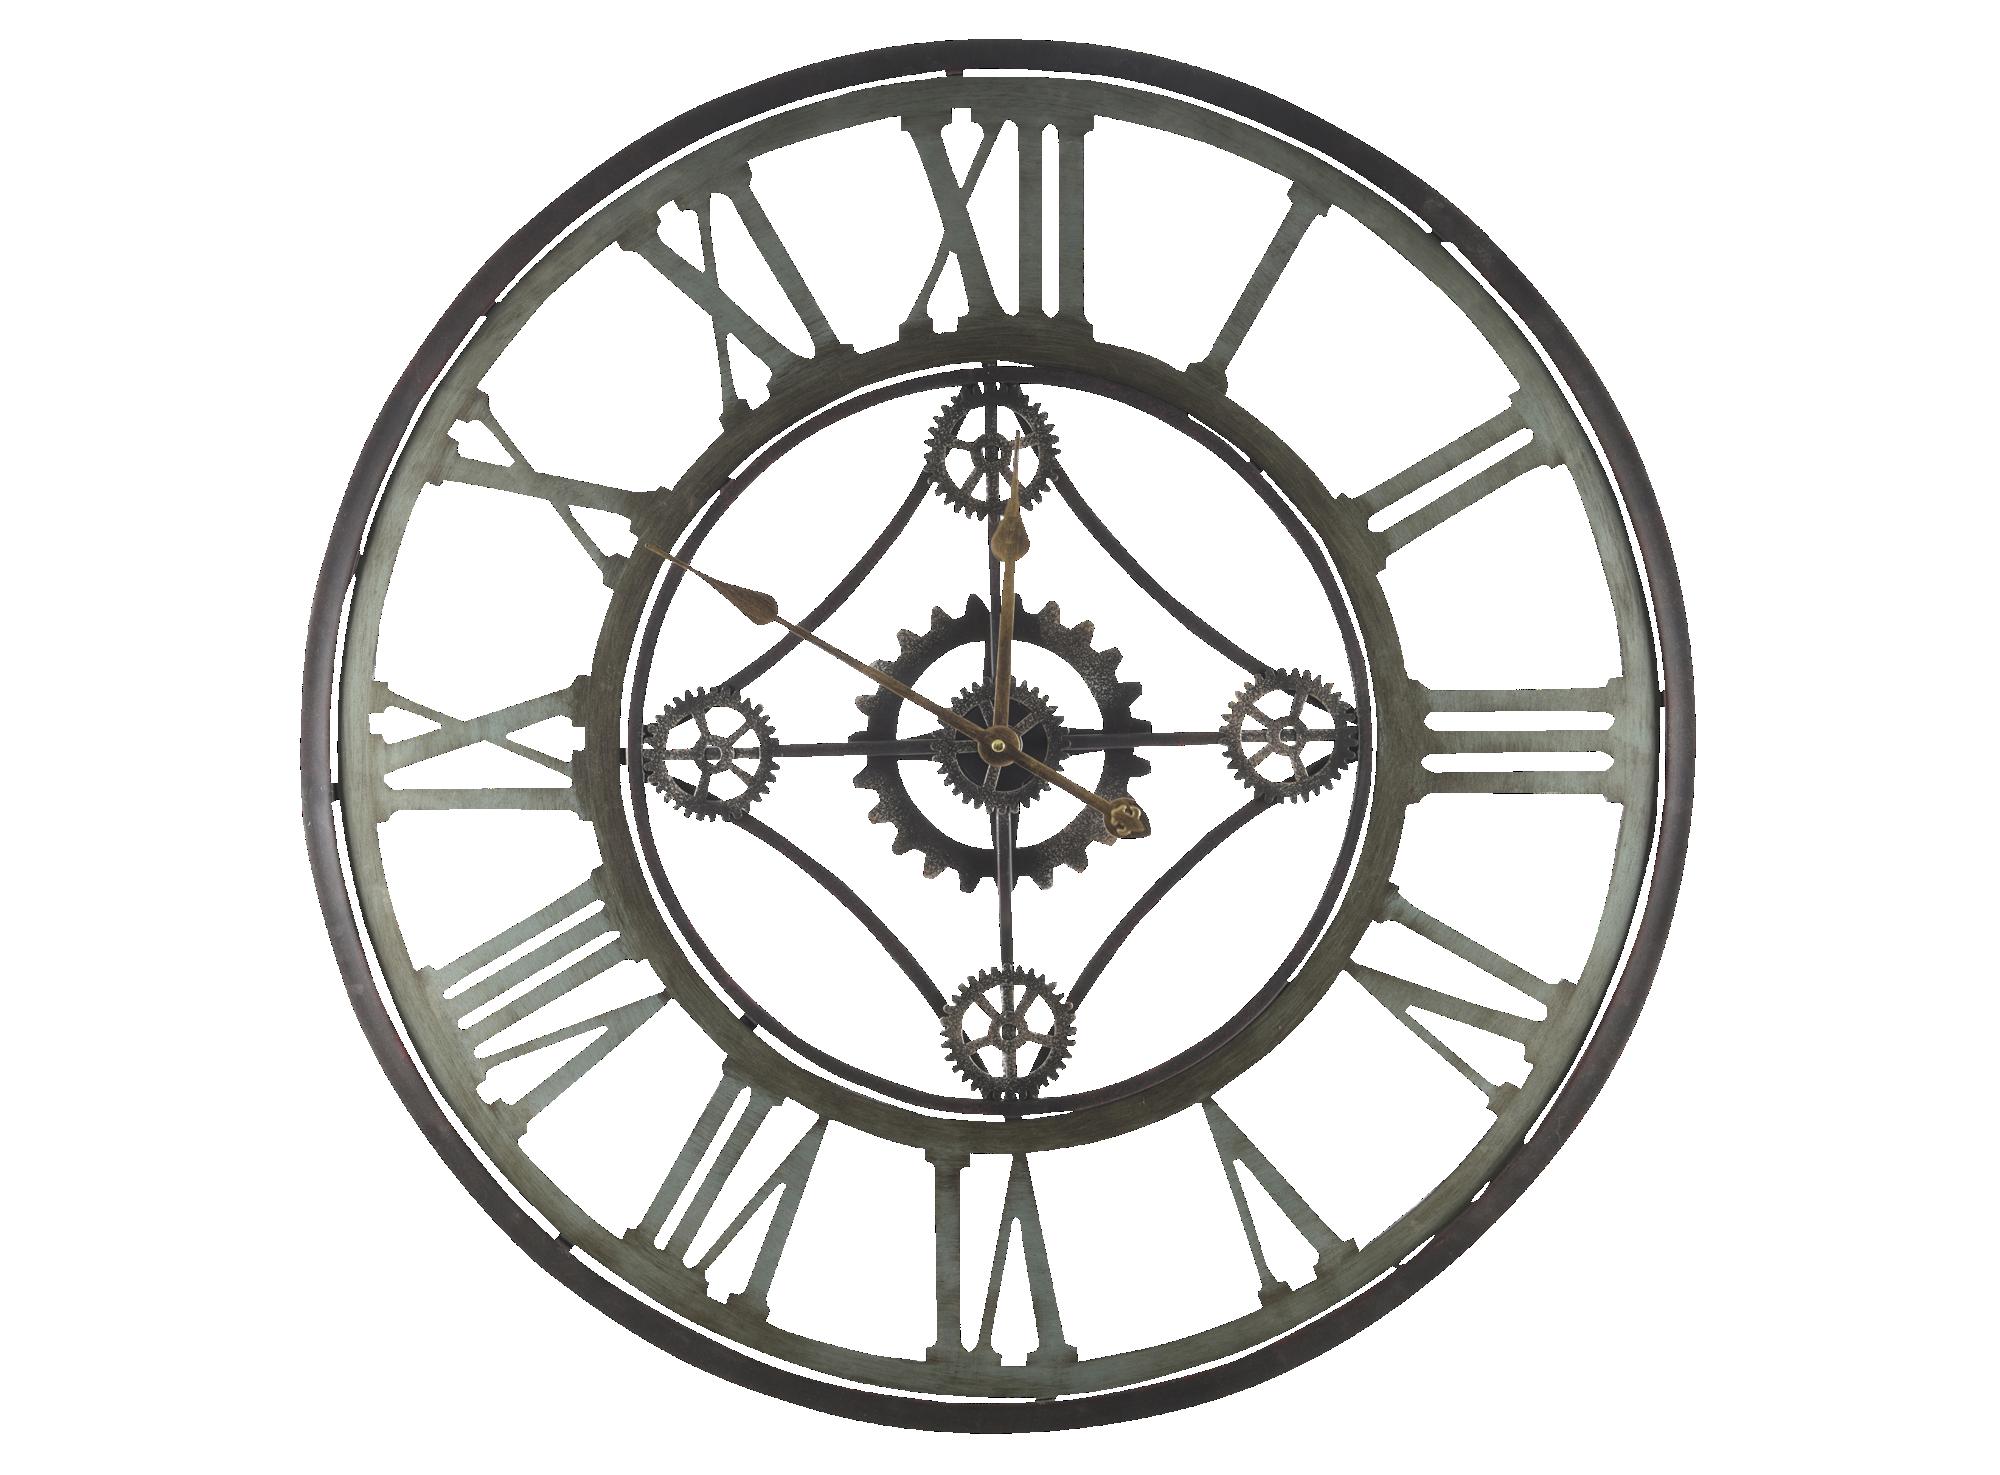 l gant deco chambre adulte avec horloge industrielle metal decoration interieur avec fenetre. Black Bedroom Furniture Sets. Home Design Ideas